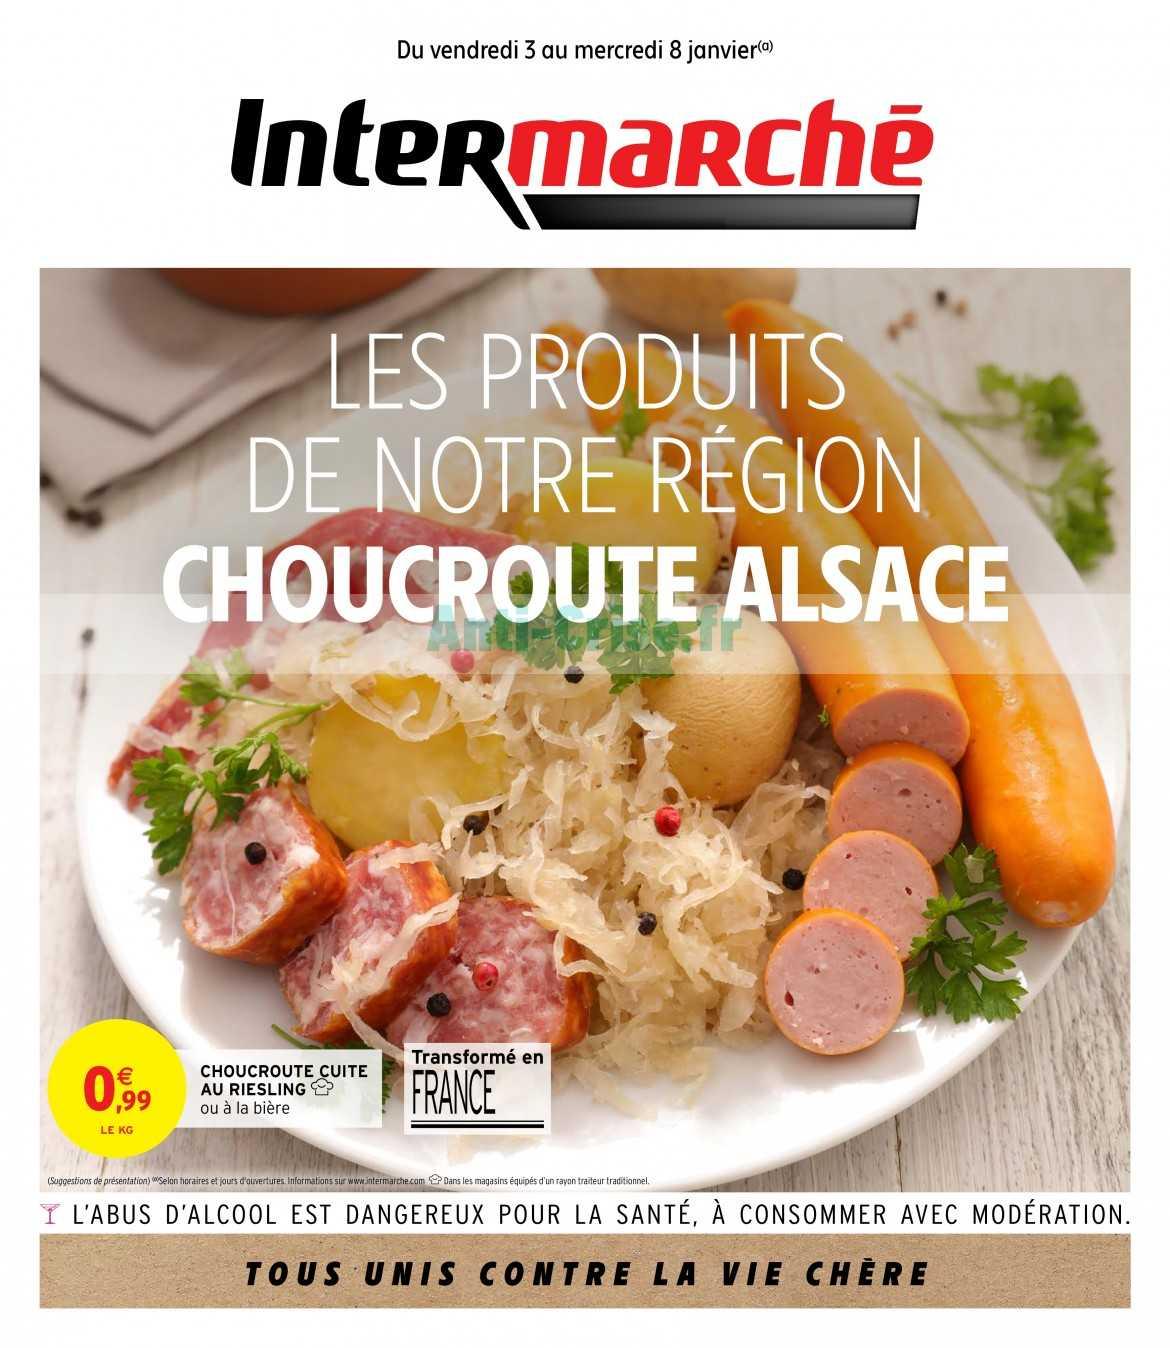 Catalogue Intermarche Du 03 Au 08 Janvier 2020 Centre Est Catalogues Promos Bons Plans Economisez Anti Crise Fr